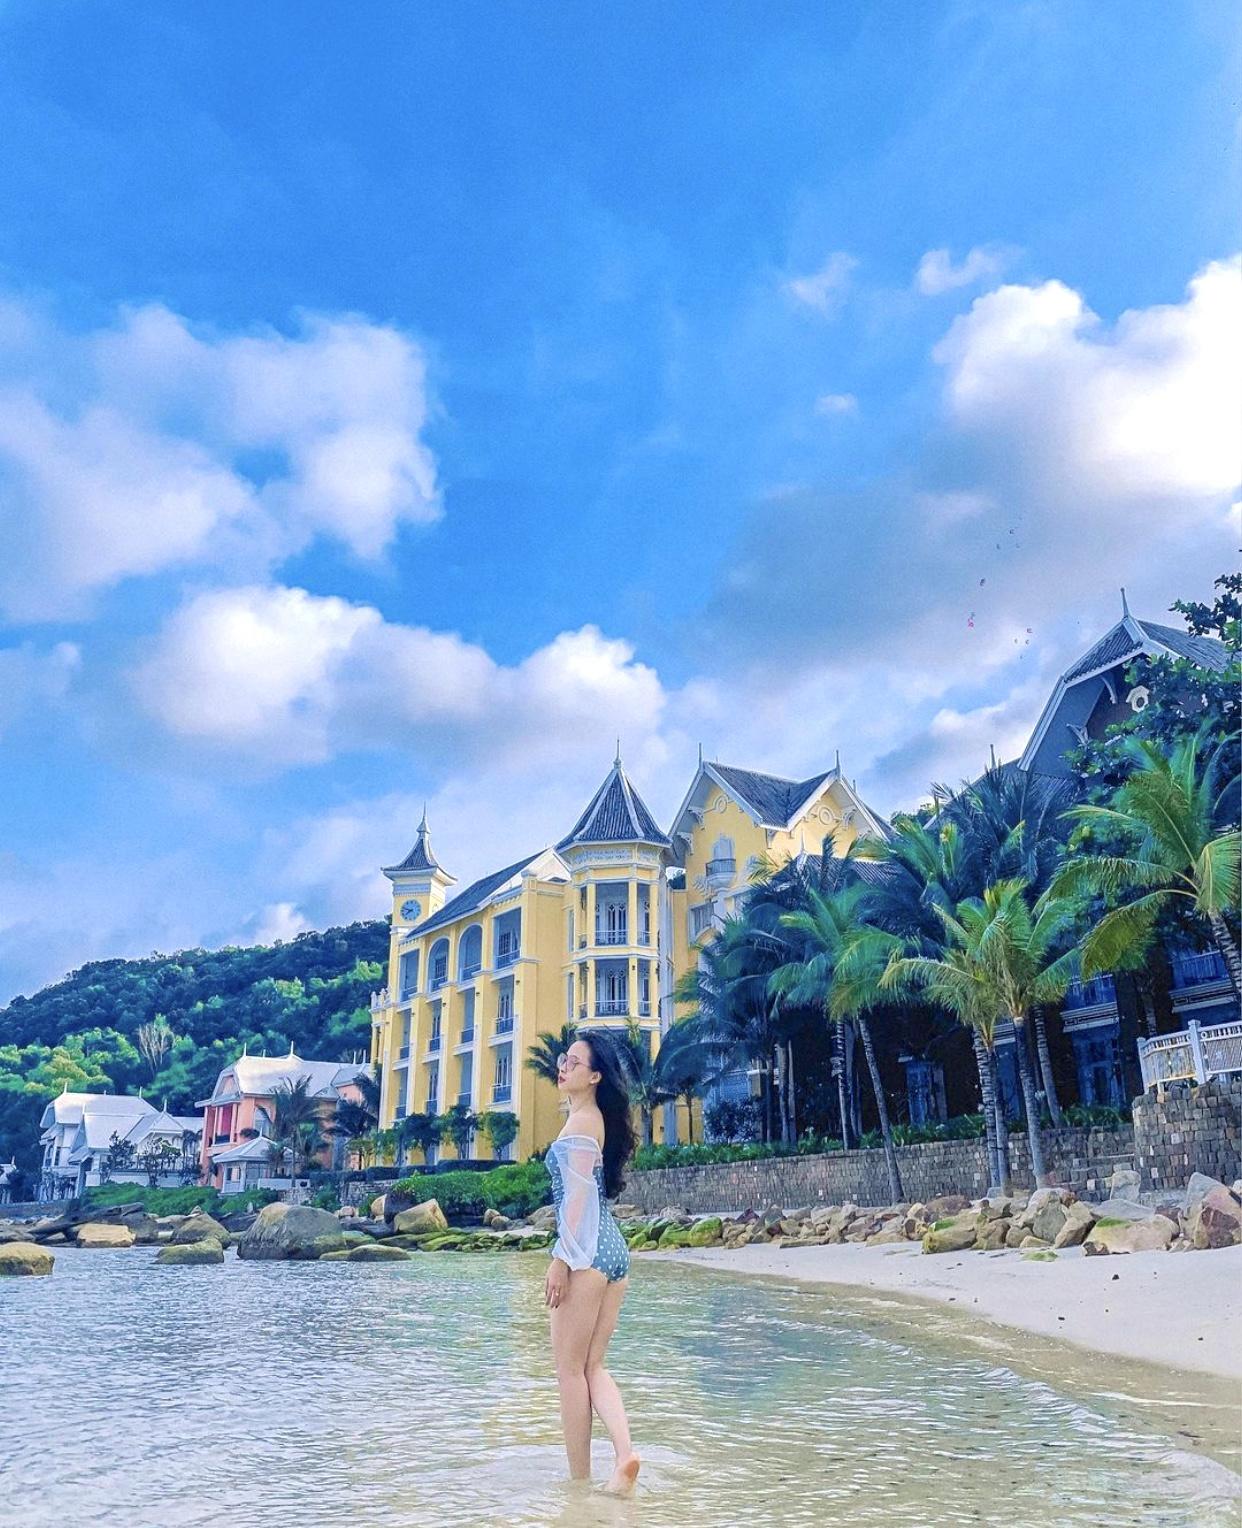 Du lich Phu Quoc anh 3  - img_6770 - Bãi biển nào dài nhất Phú Quốc?